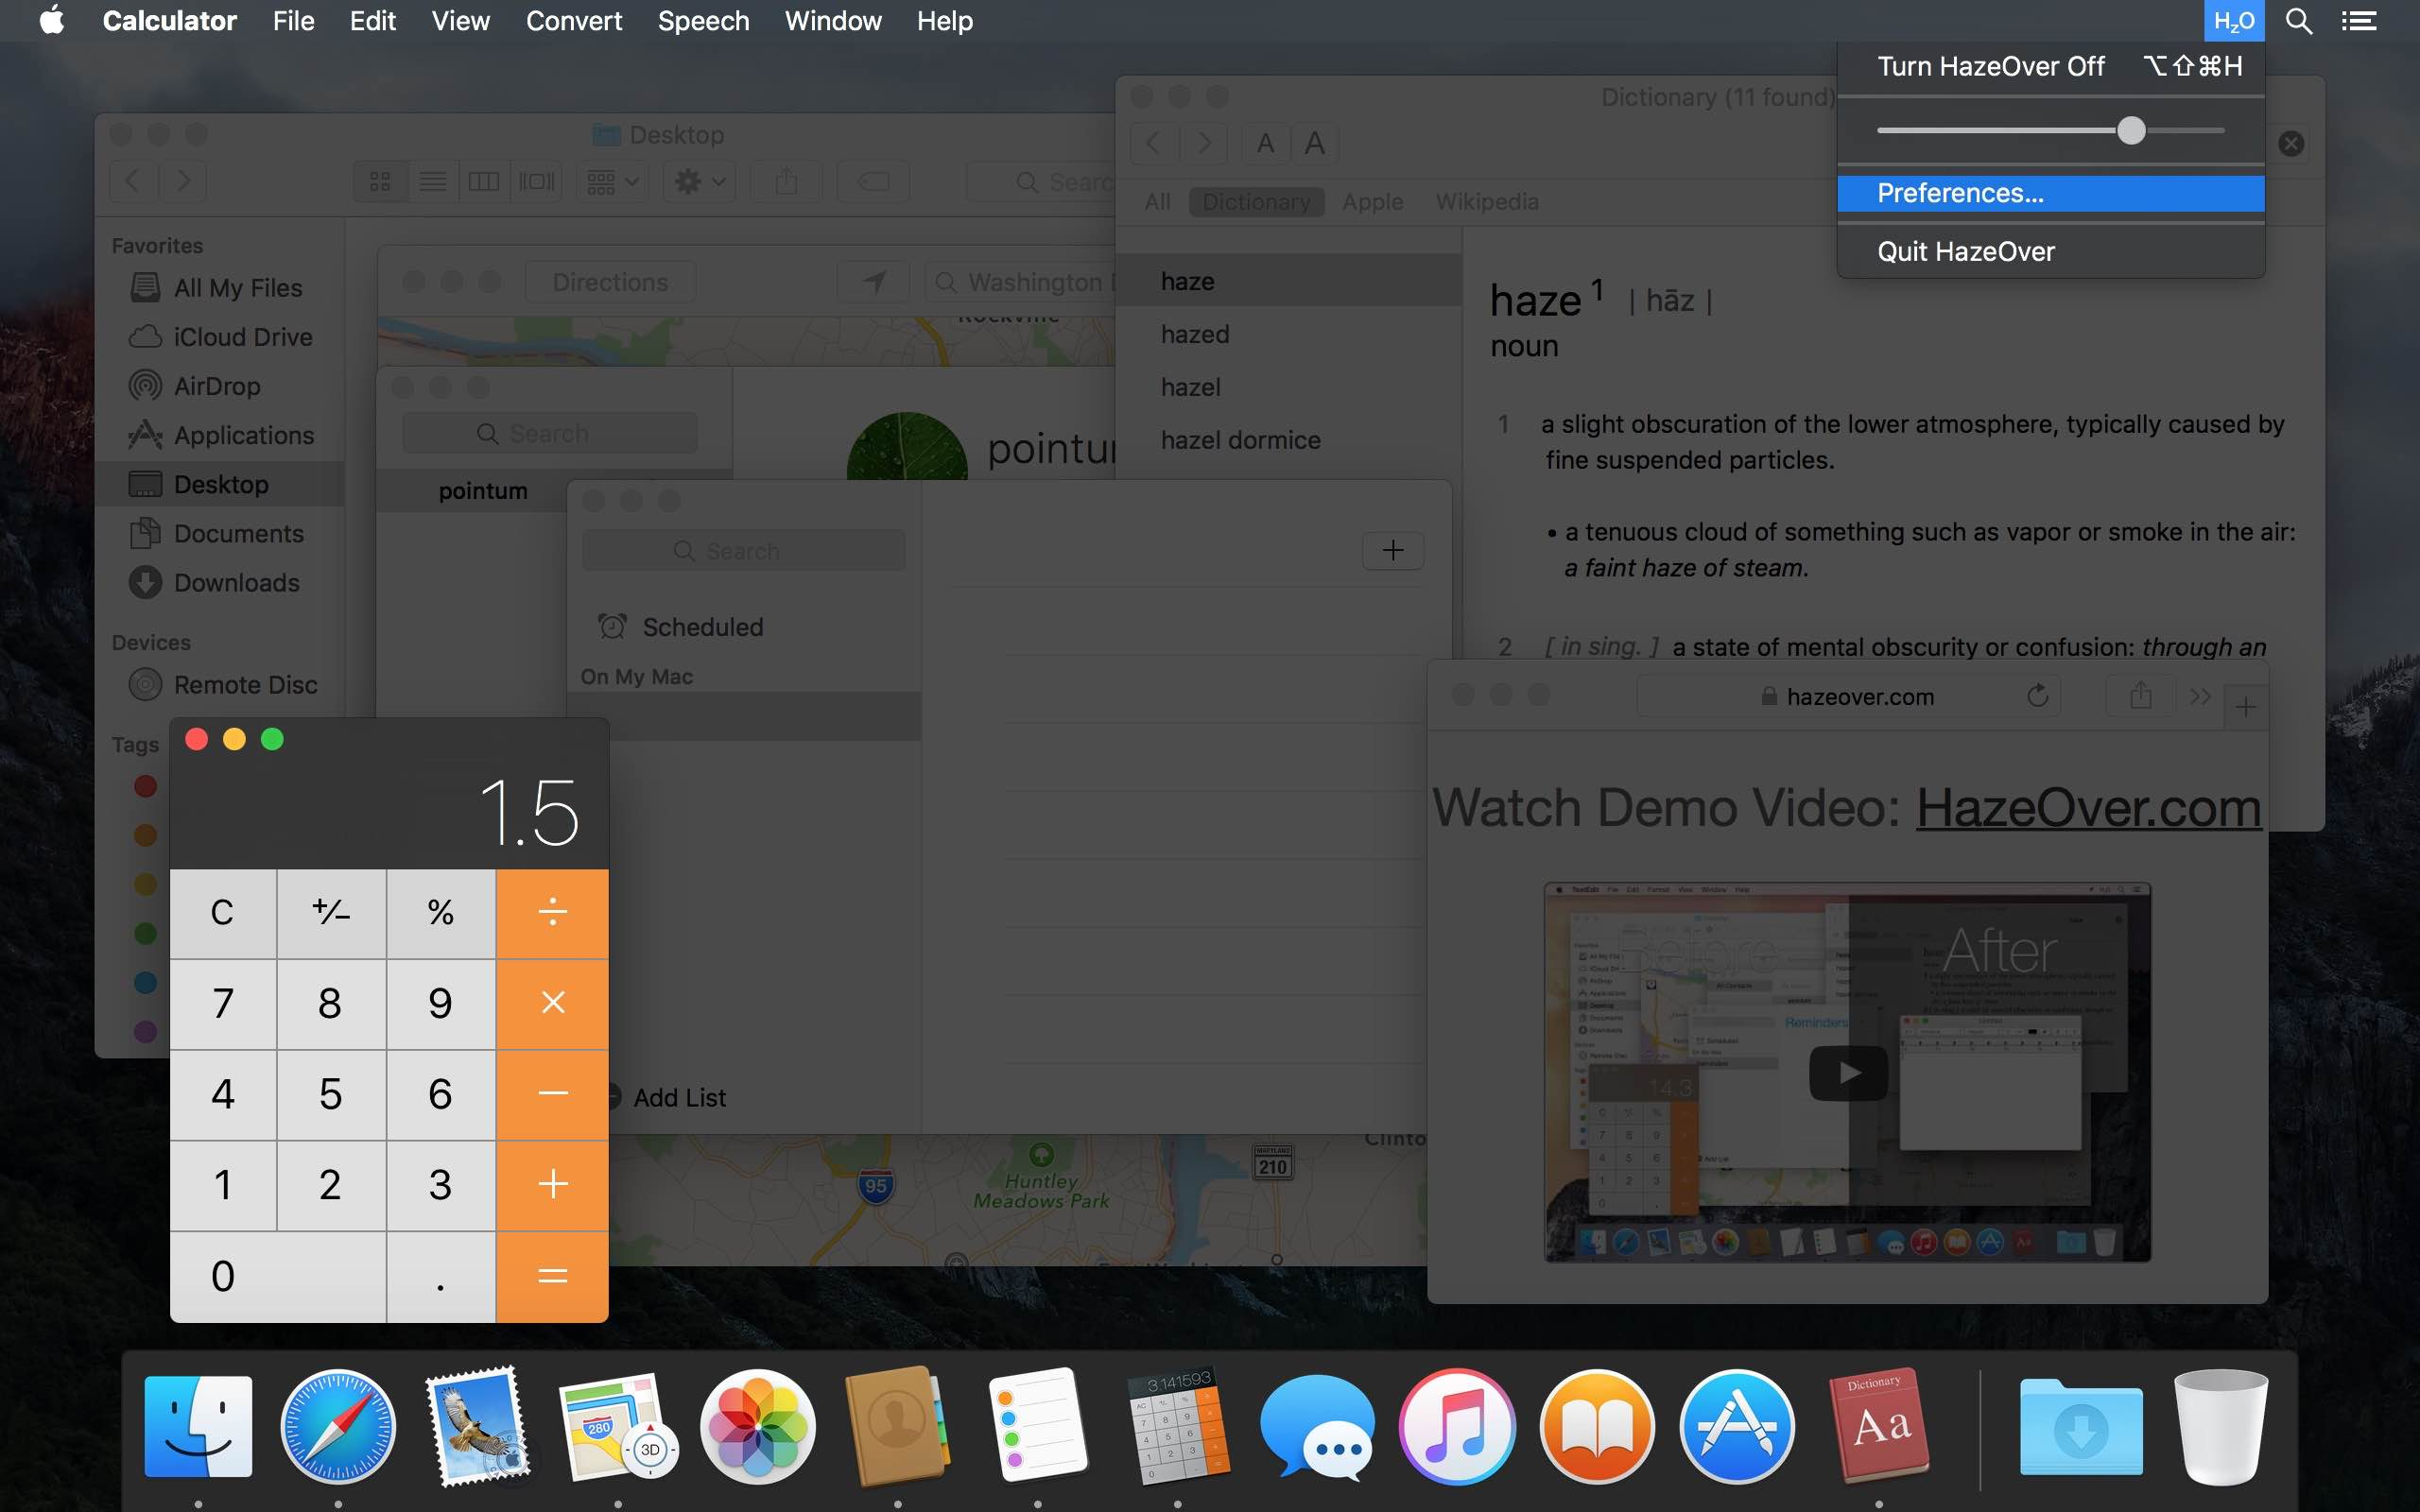 Modo oscuro Mac: elemento de la barra de menú Mac de HazeOver